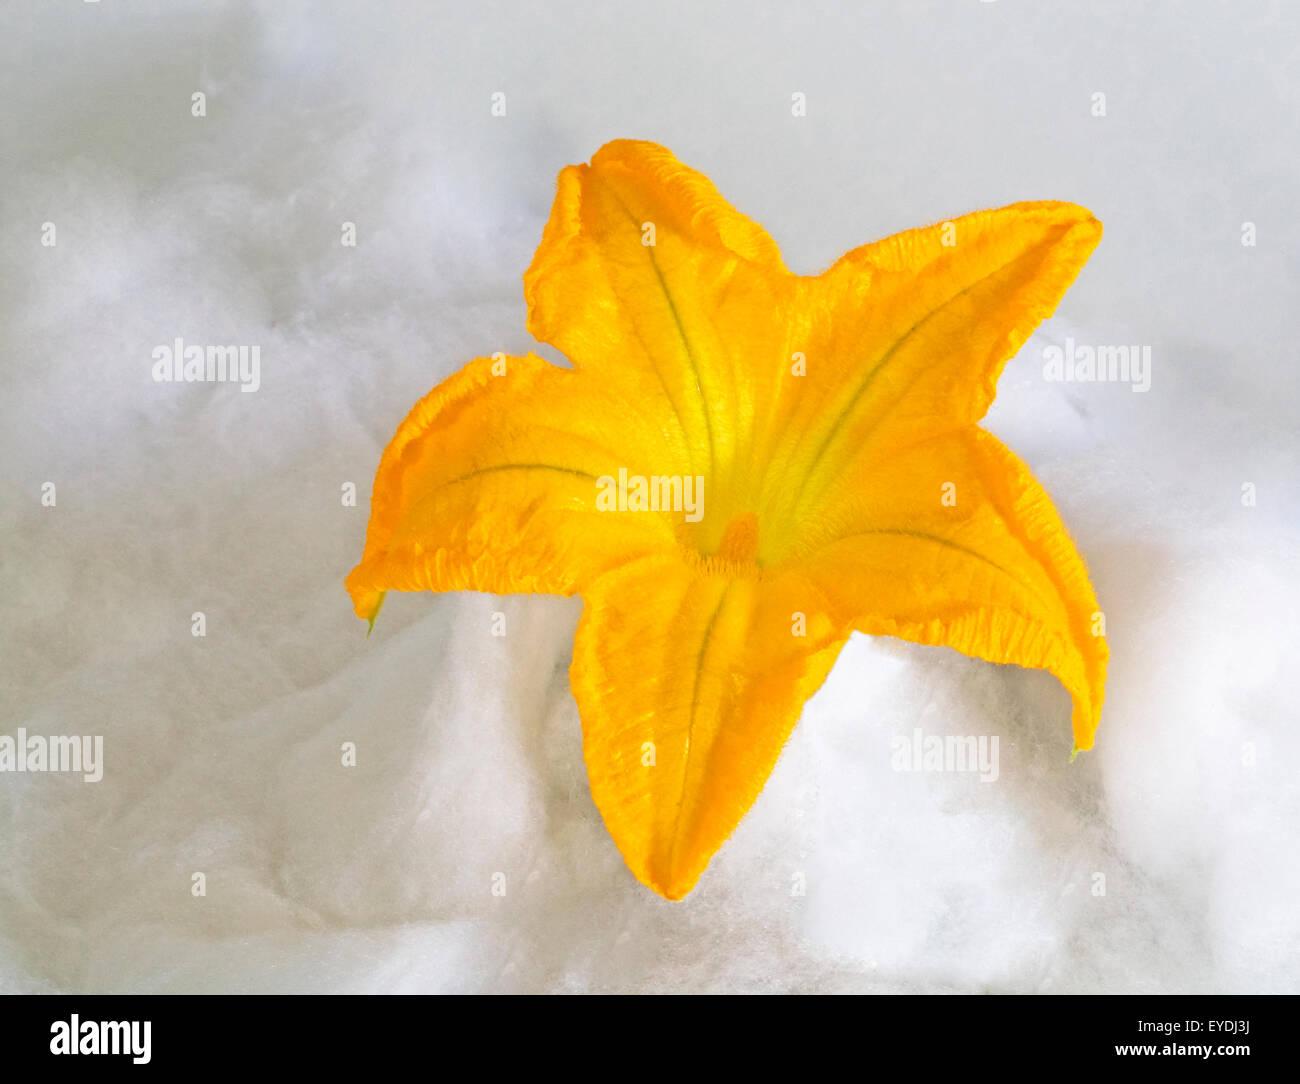 L'intérieur d'une fleur de courgette Photo Stock